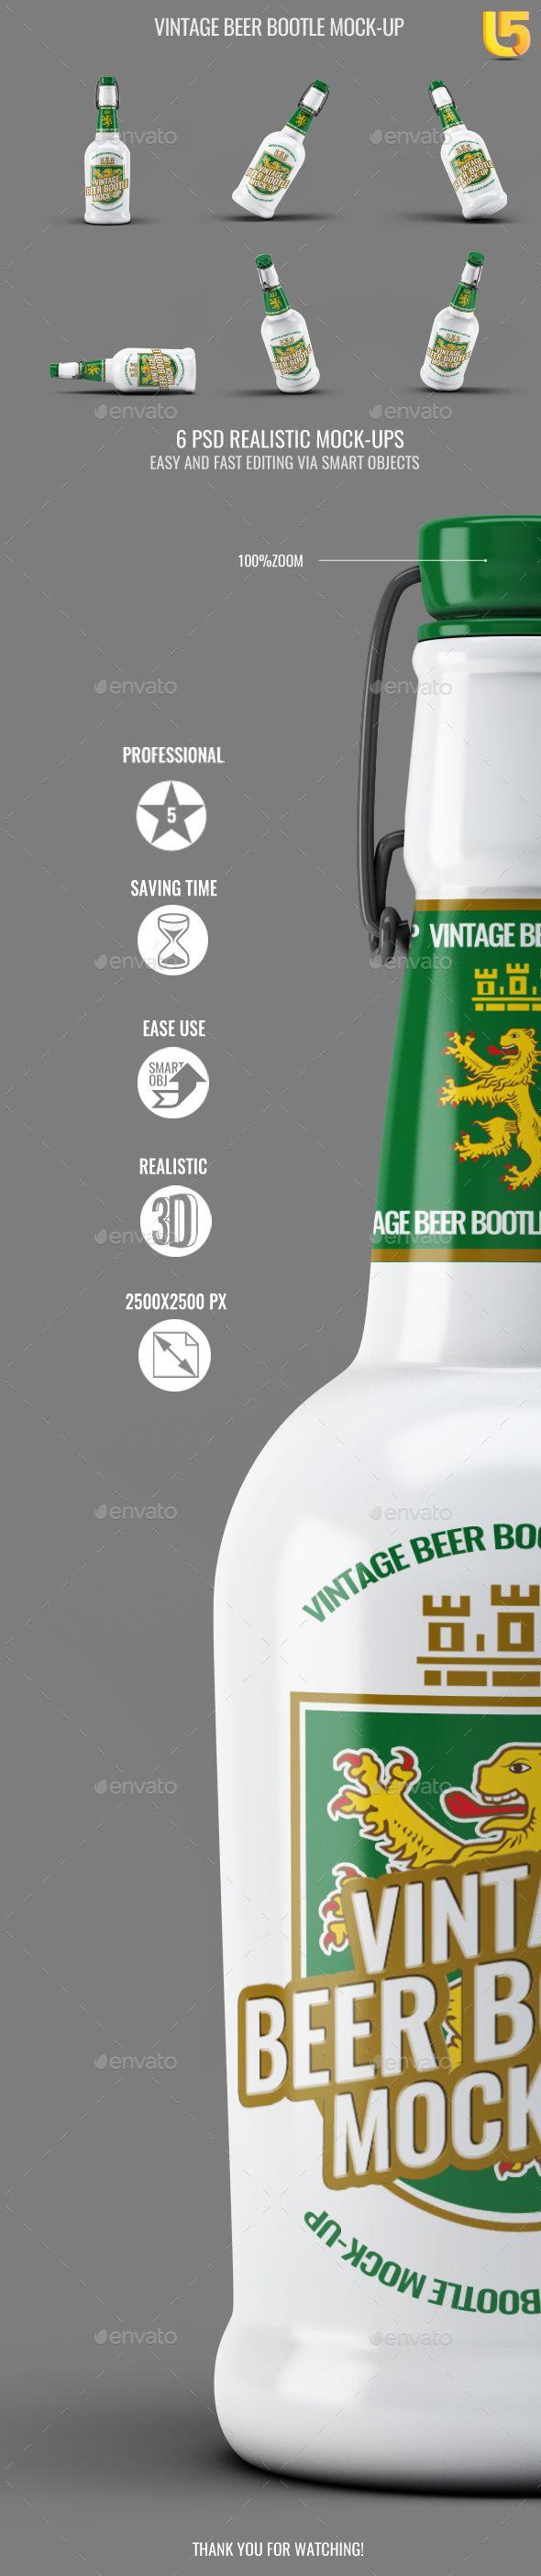 Vintage Beer Bootle Mock-Up - Food and Drink Packaging